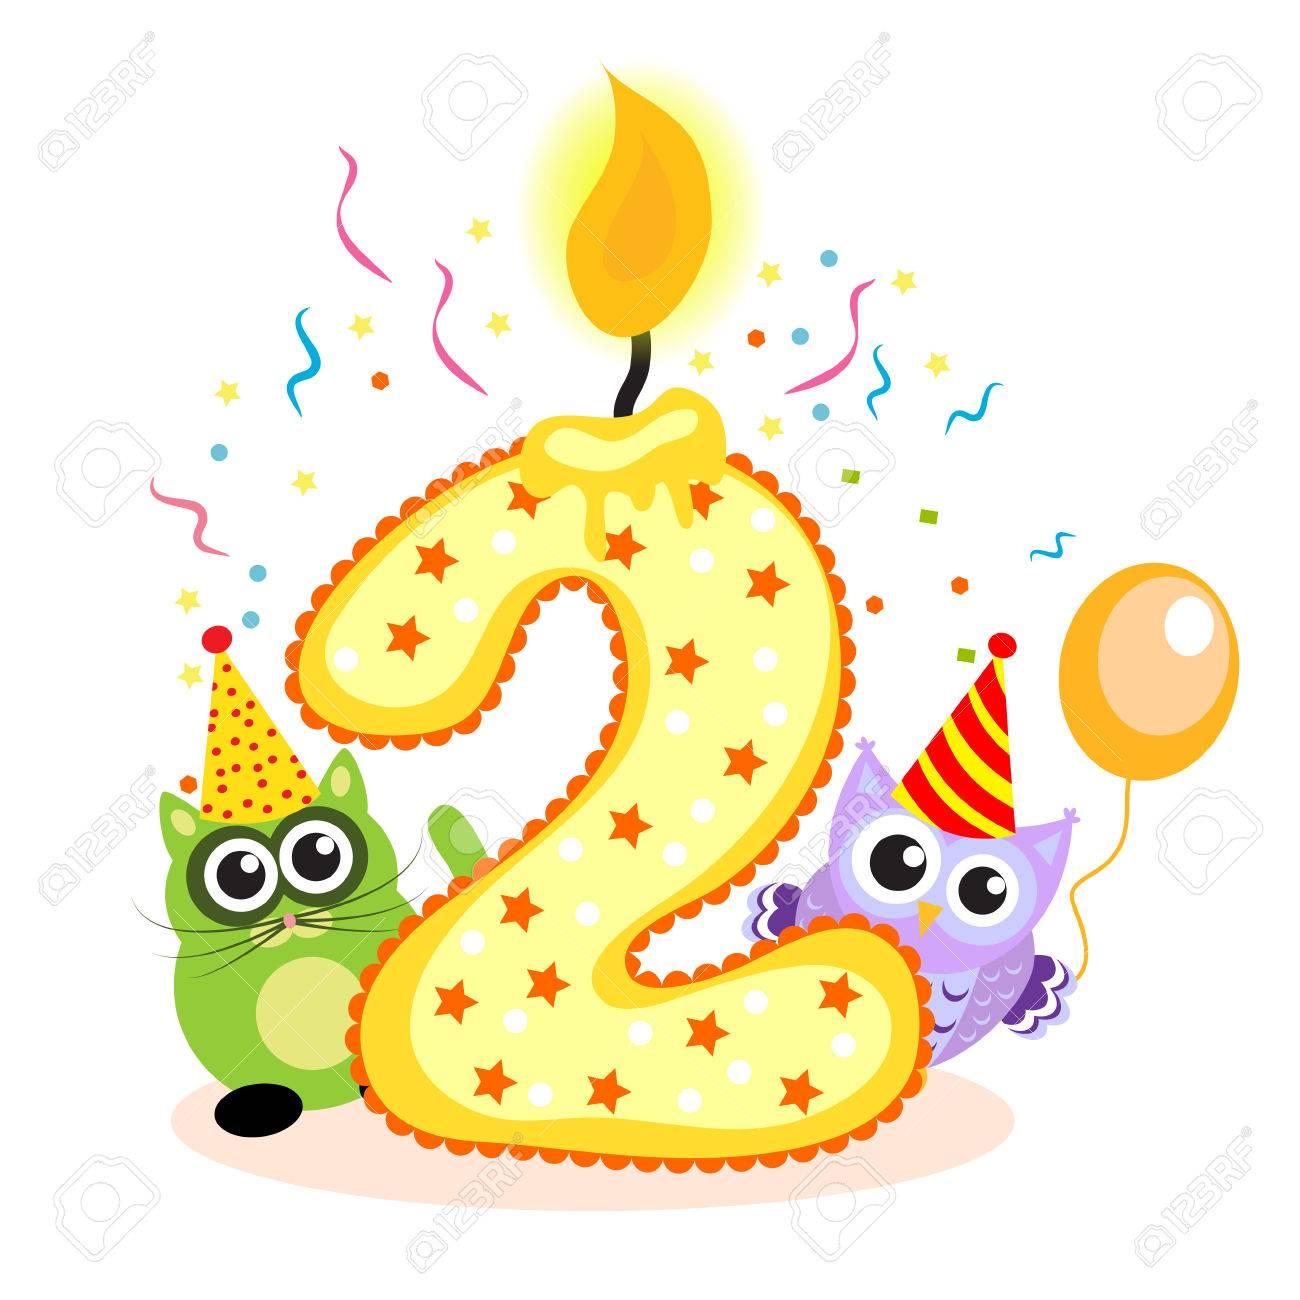 Tweede Verjaardag.Gelukkige Tweede Verjaardag Kaarsen En Dieren Geisoleerd Op Wit De Nummer Twee Vector Illustratie